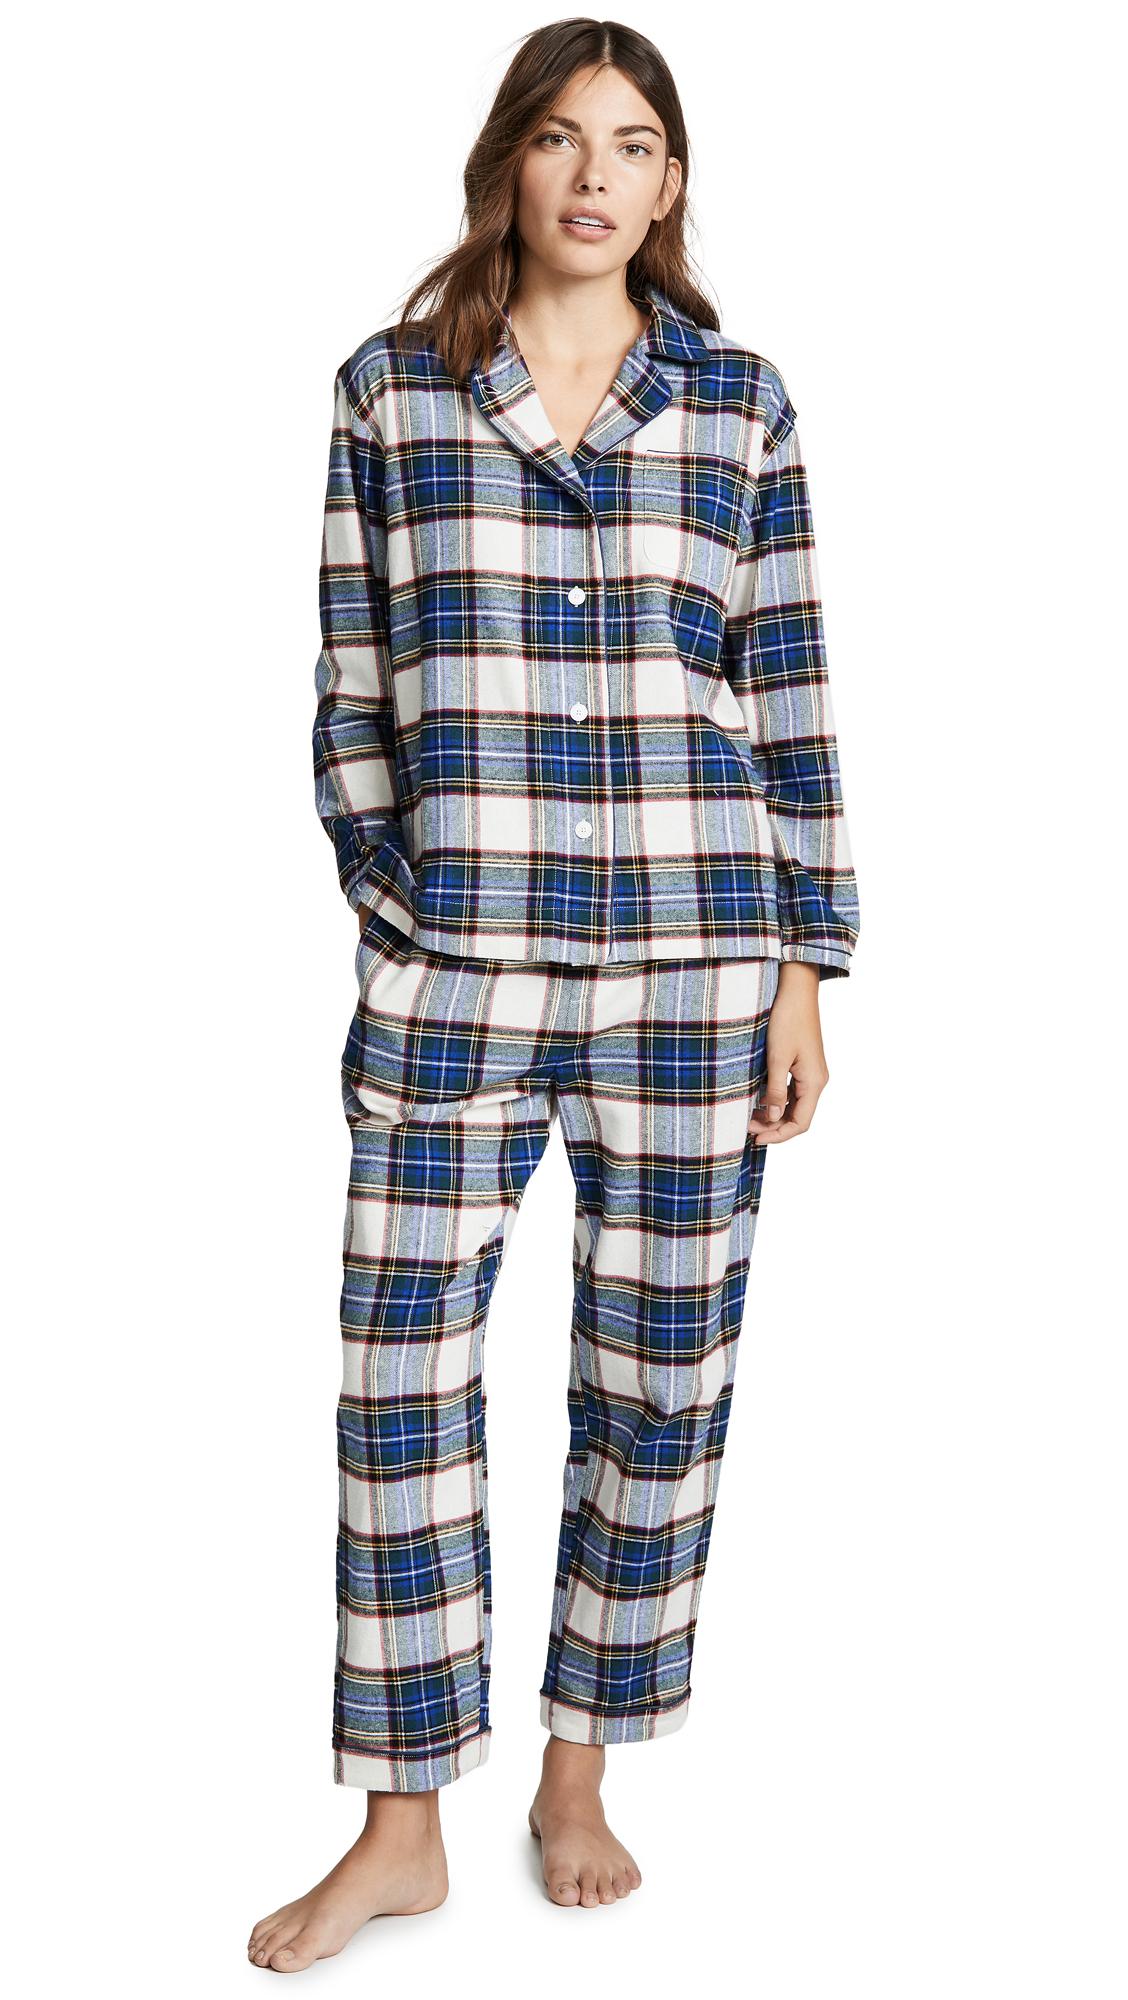 SLEEPY JONES Bishop Pajama Set in Cream